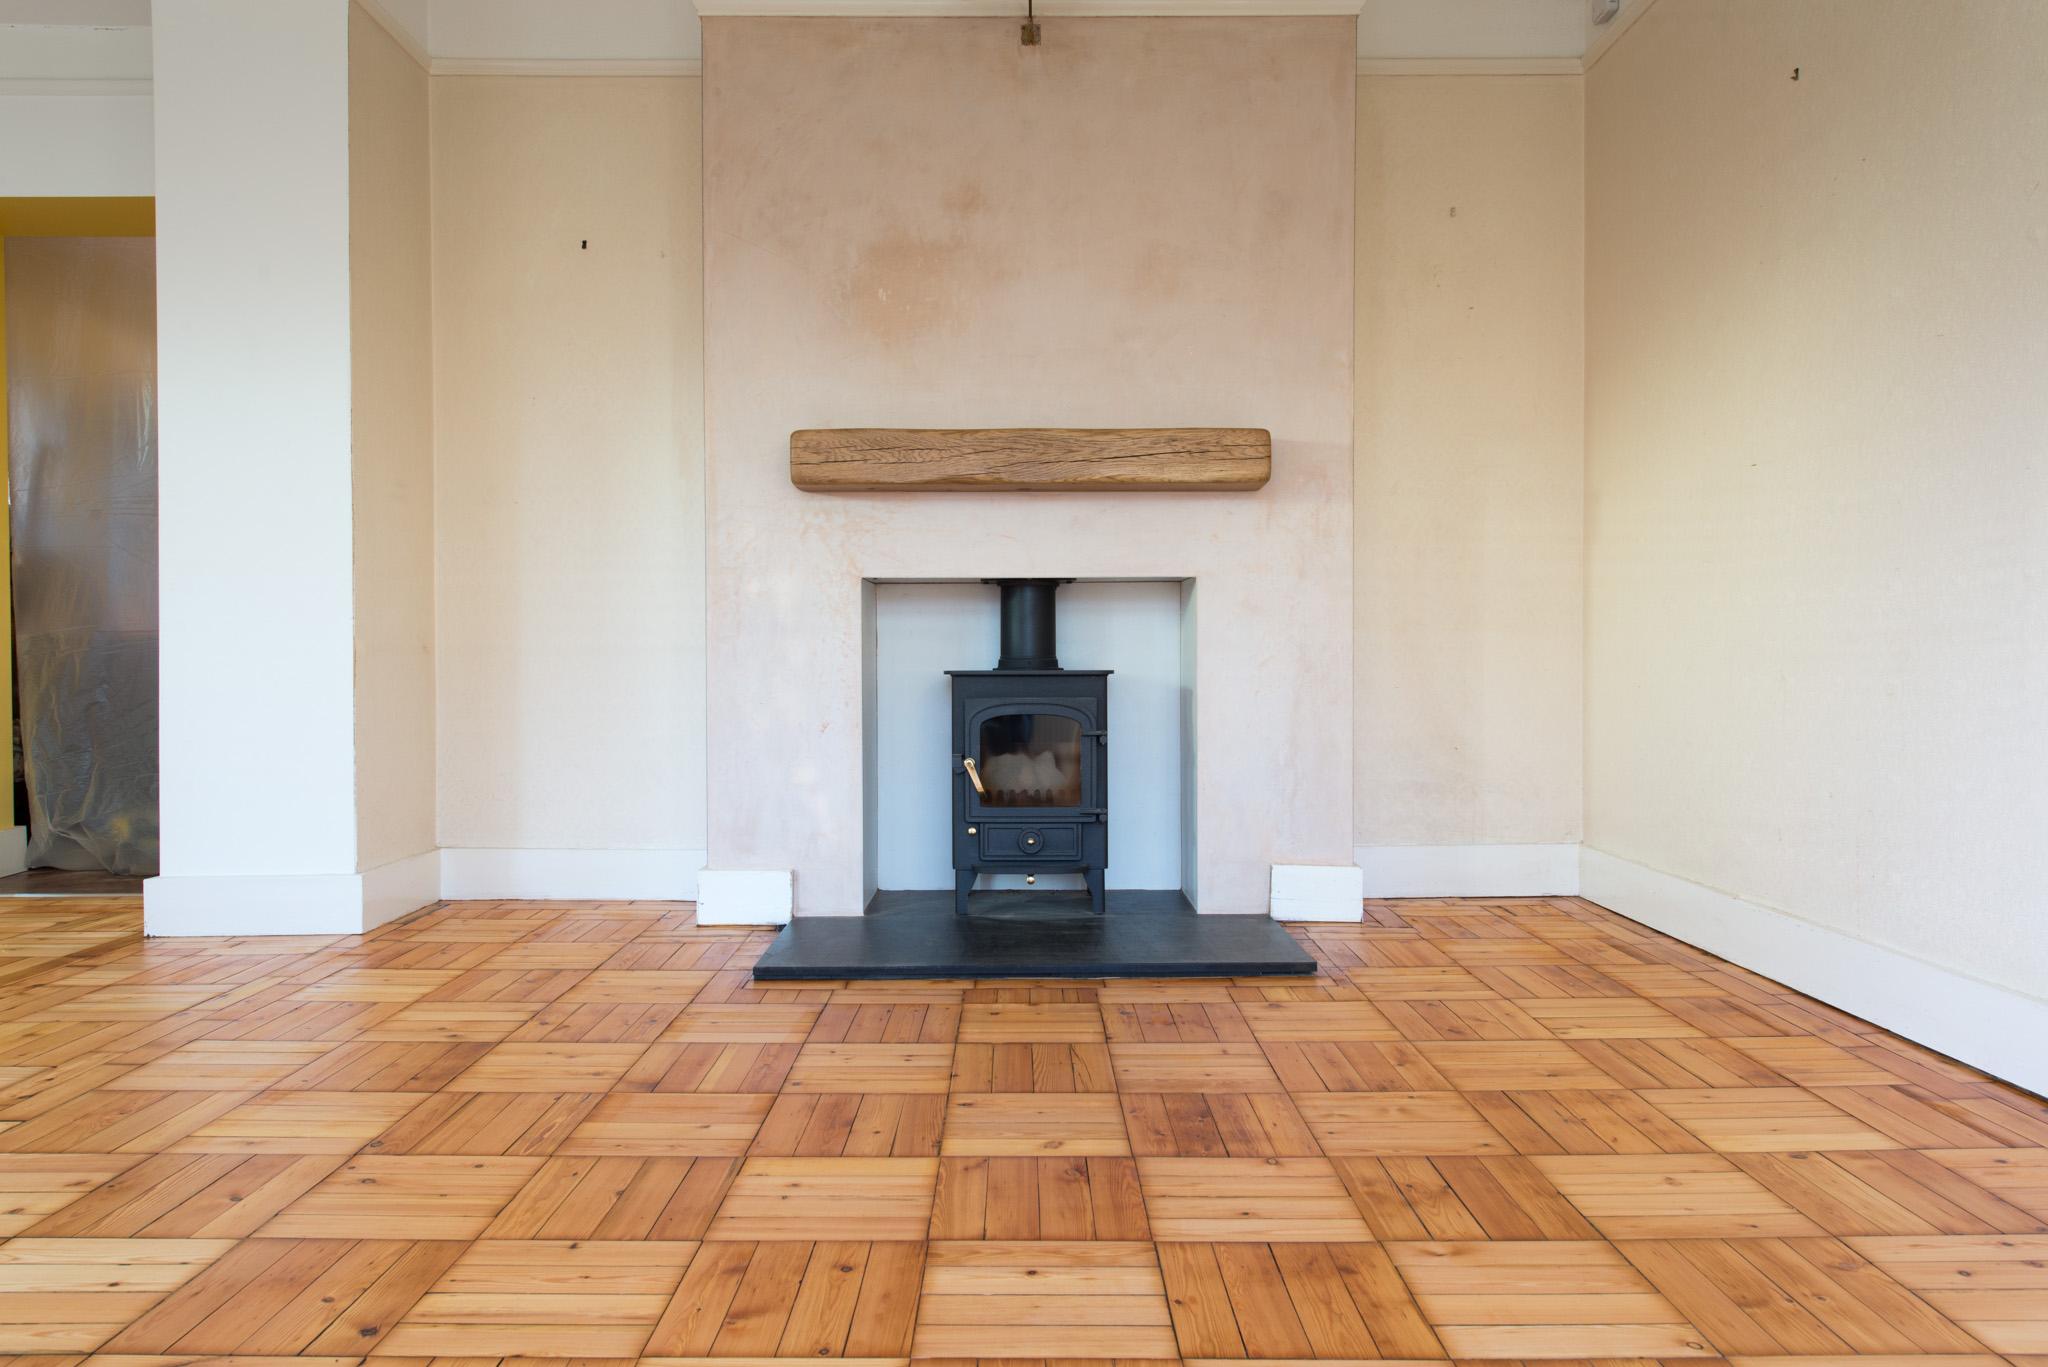 Pine Wood Blocks Sanded by Floorwork Swanage.